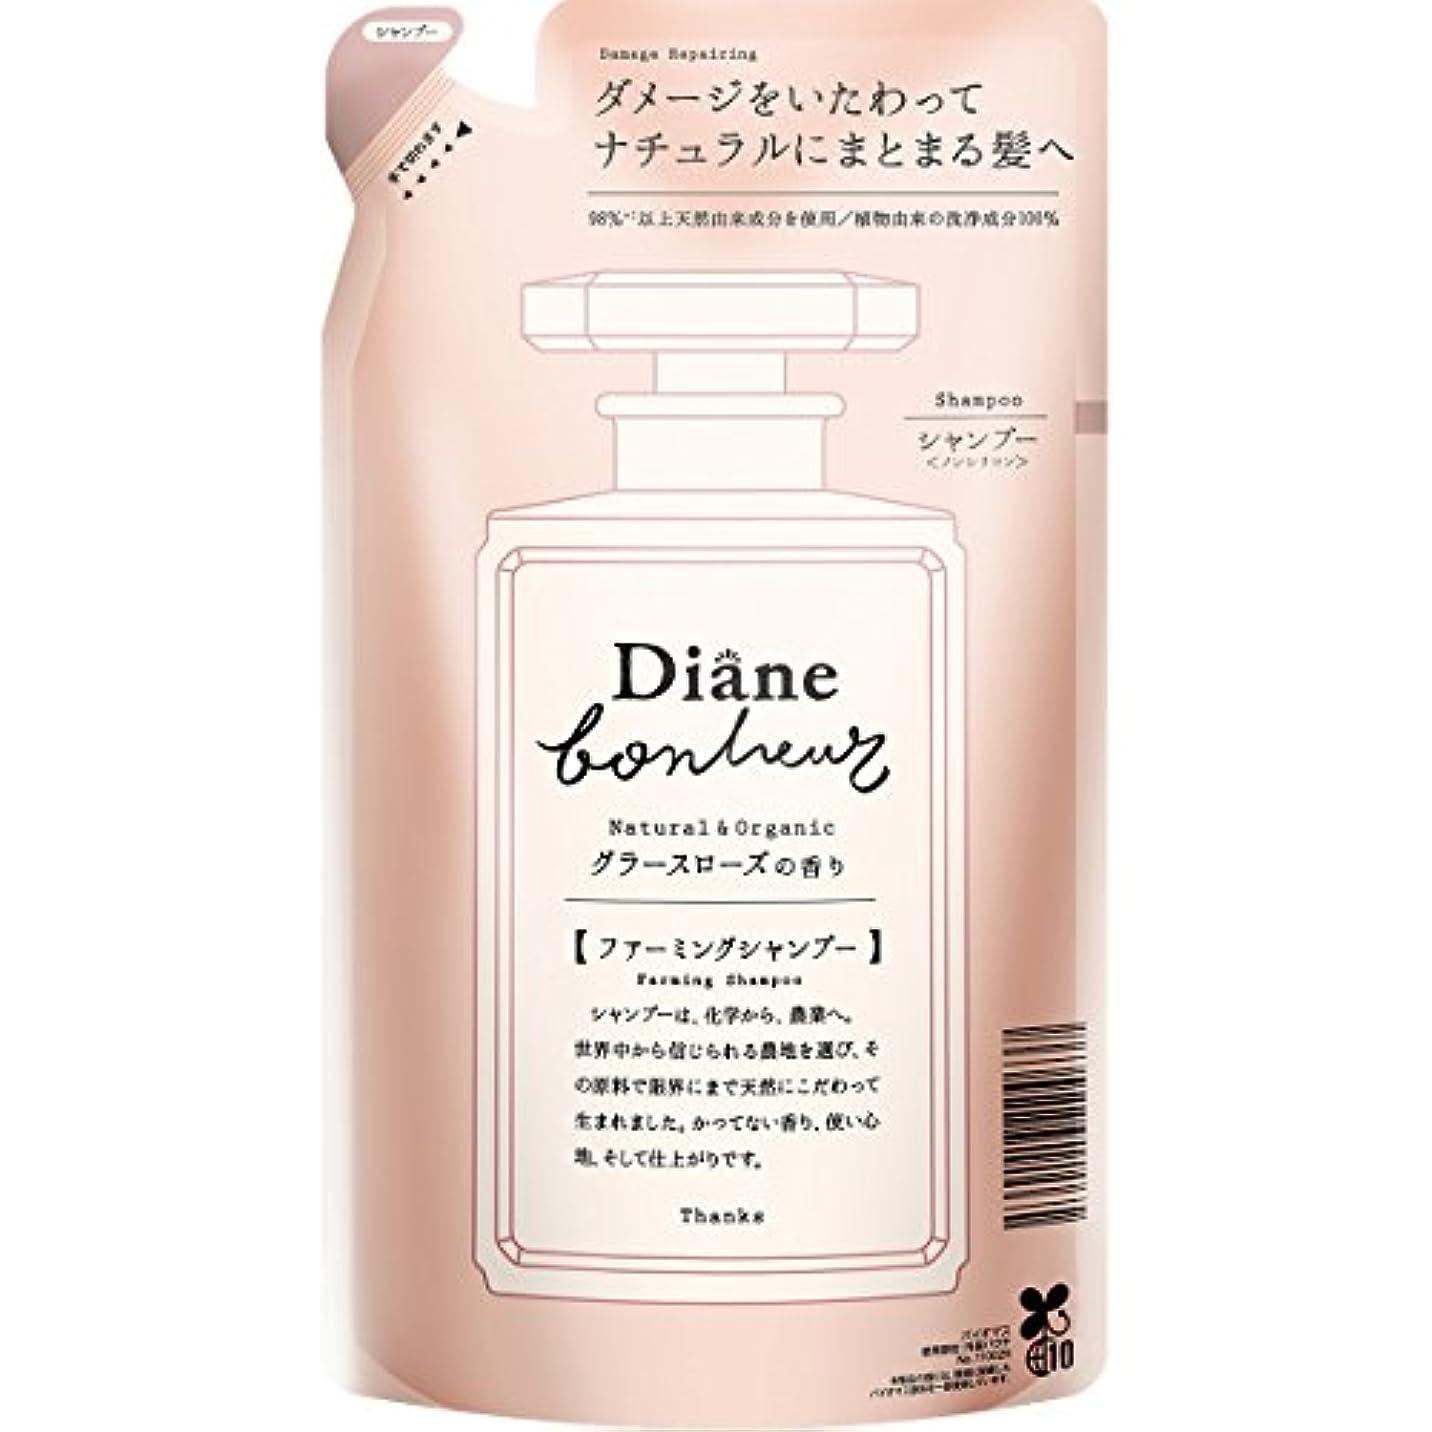 半径エゴイズム羨望ダイアン ボヌール グラースローズの香り ダメージリペア シャンプー 詰め替え 400ml